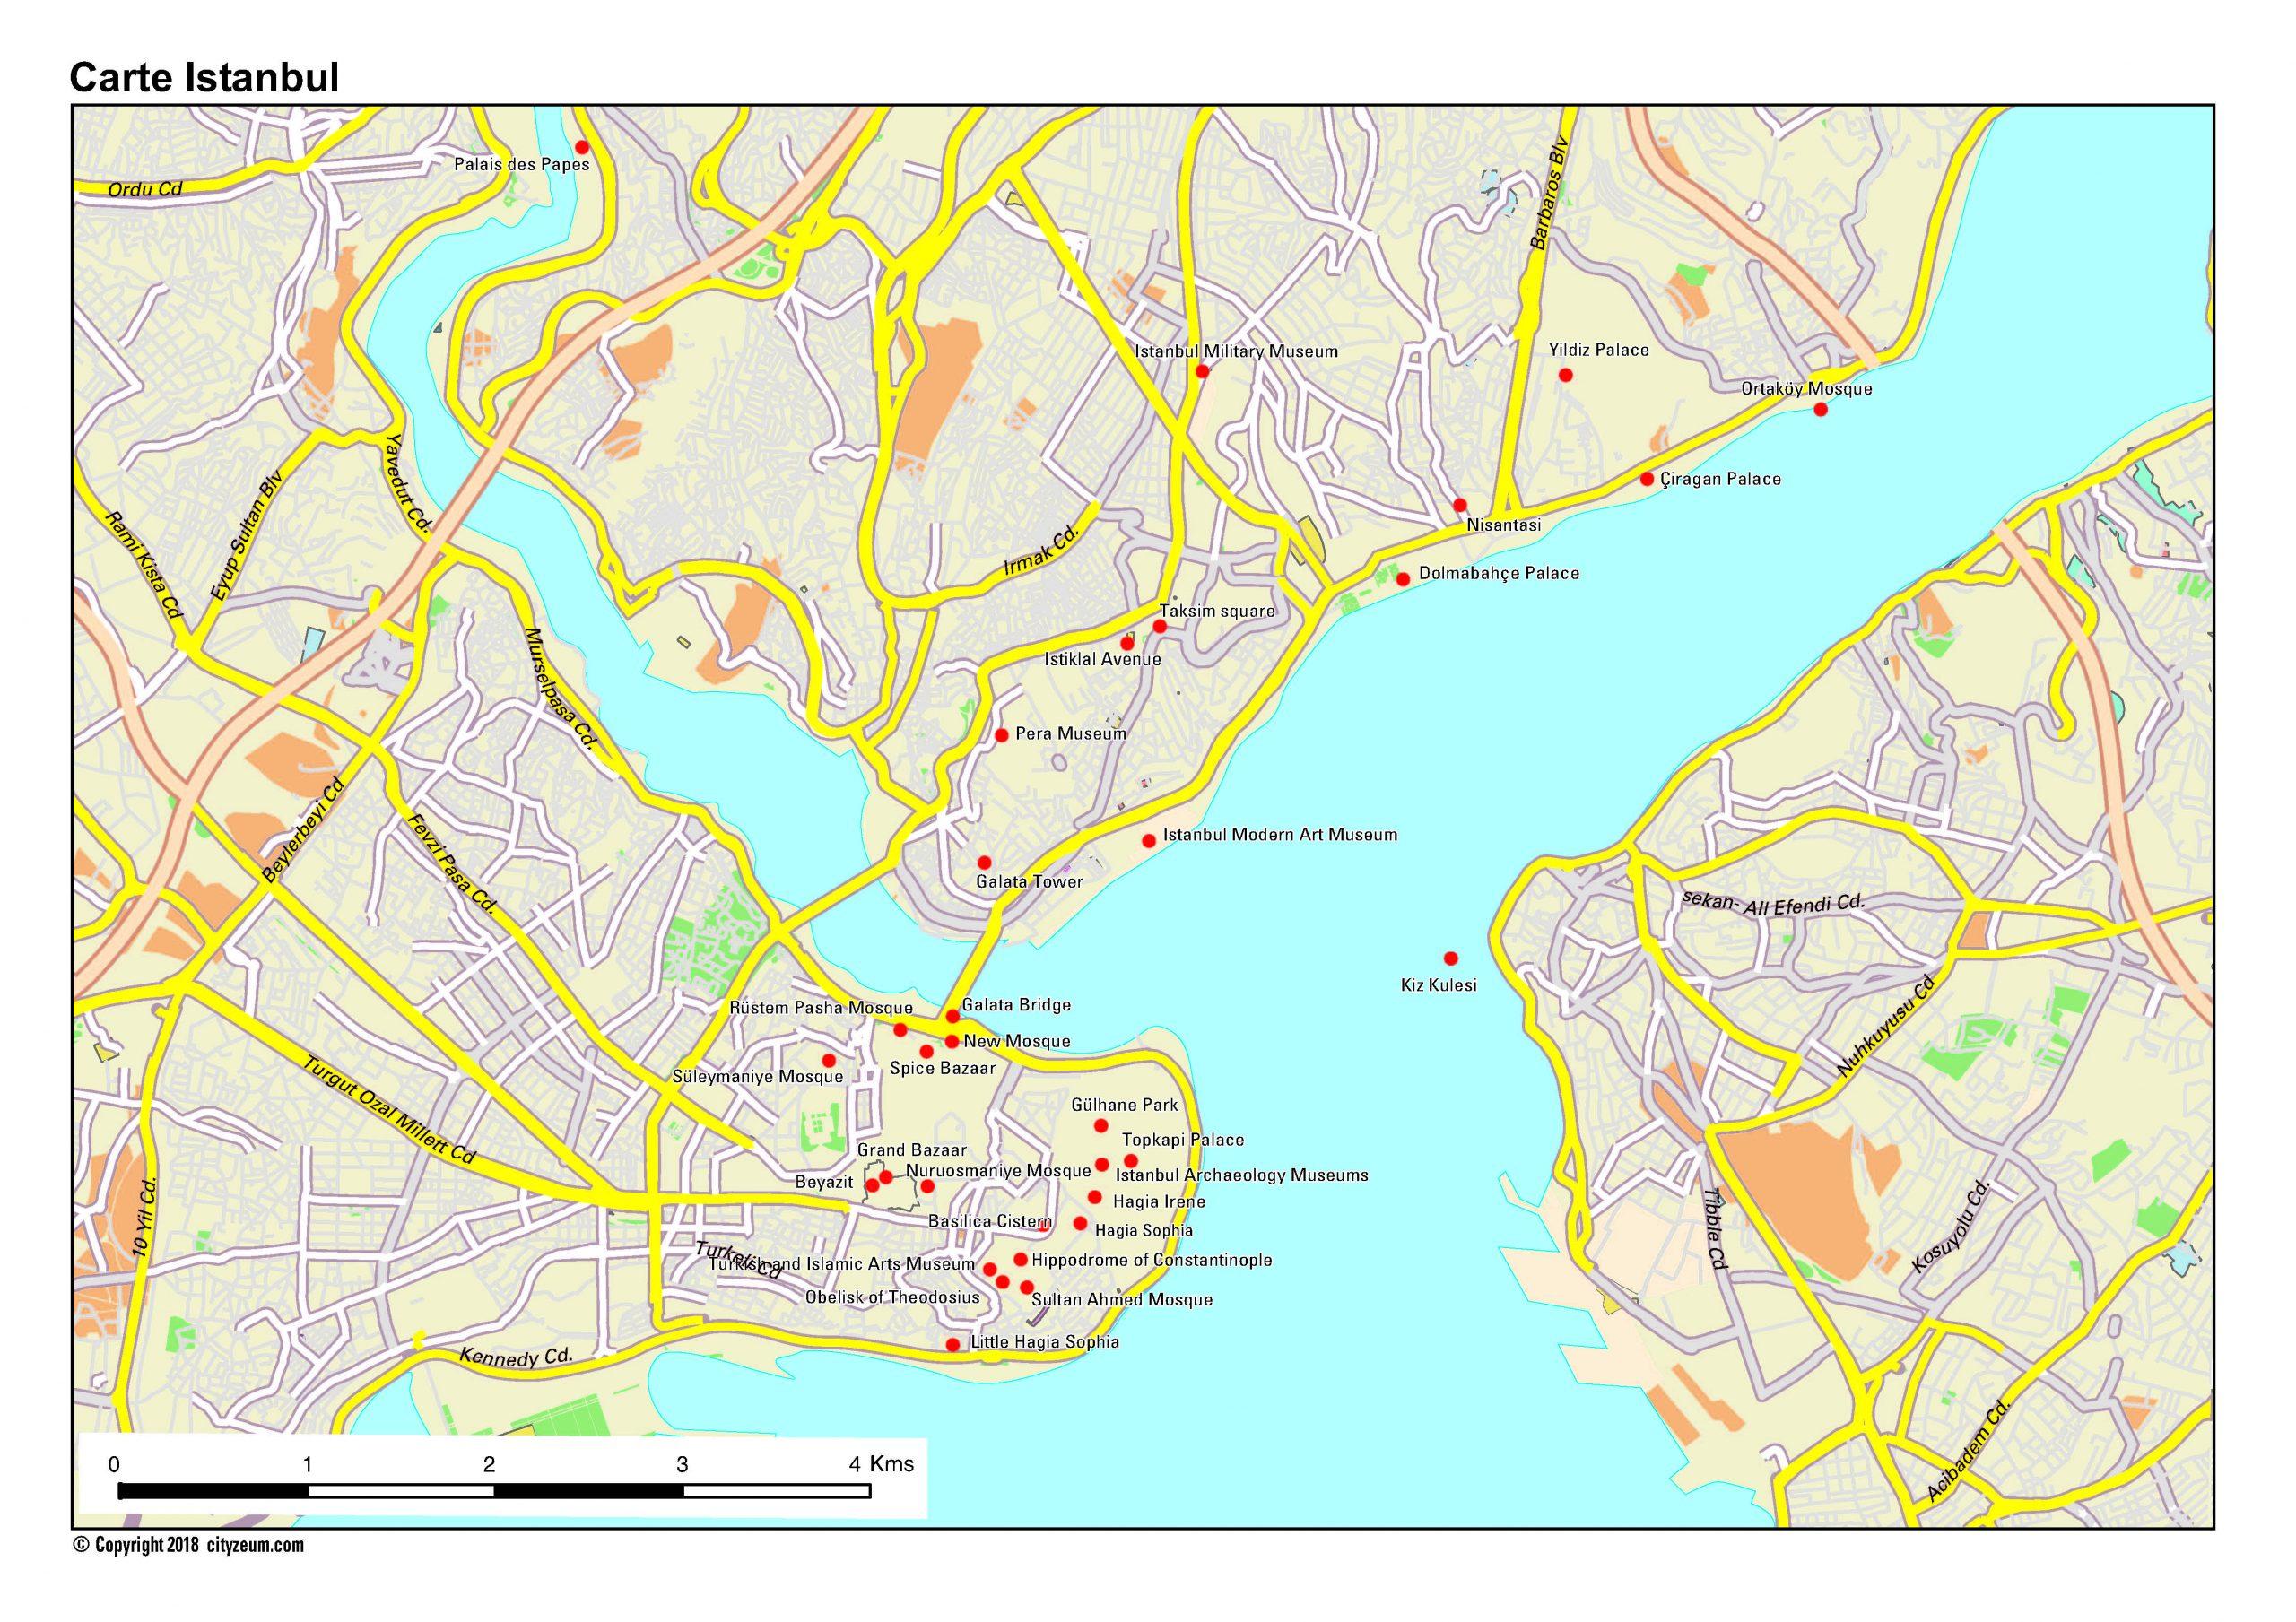 Carte D'istanbul Plan Des 22 Lieux À Voir intérieur Carte D Europe À Imprimer